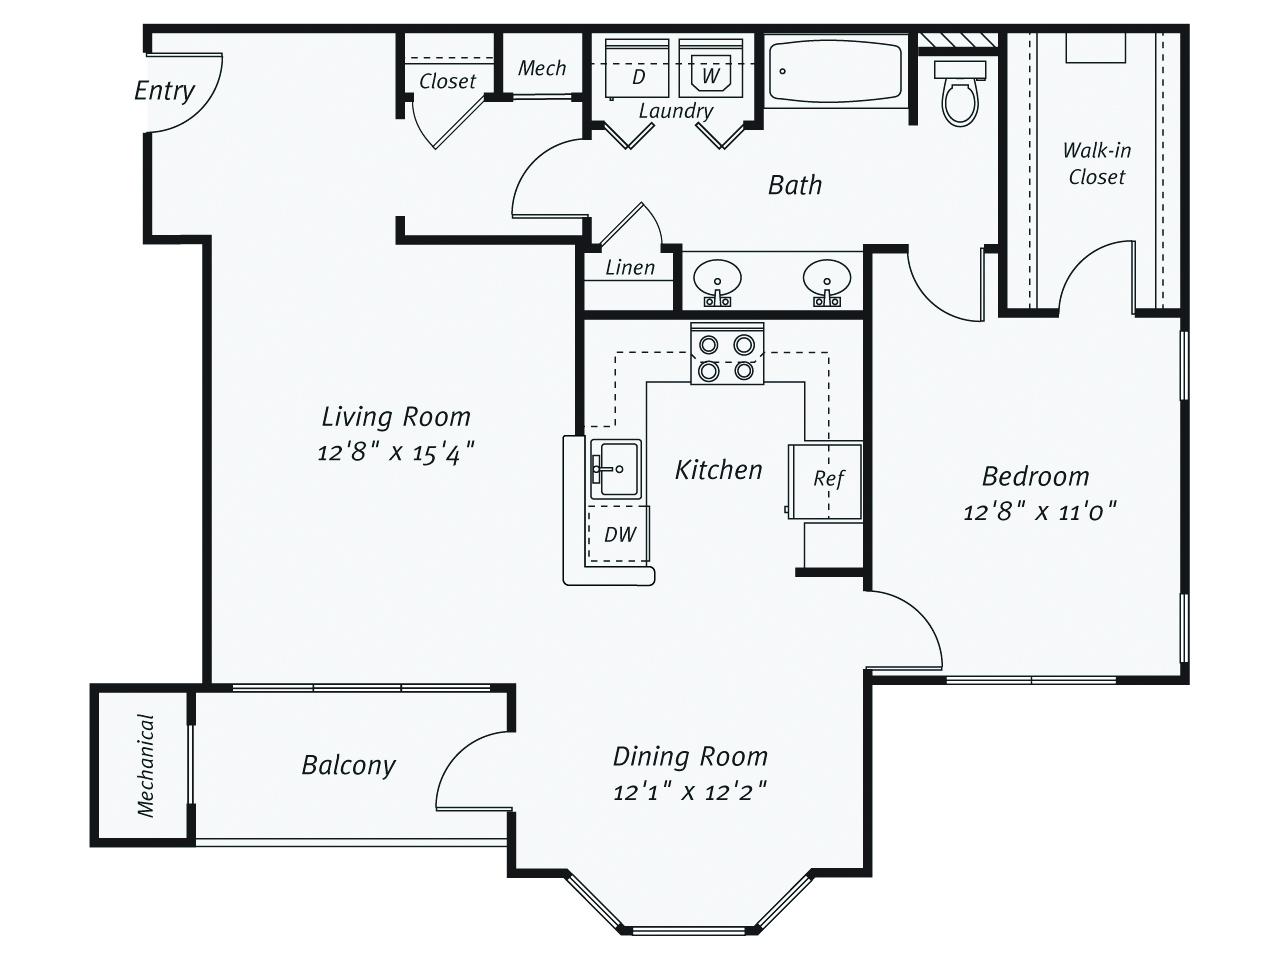 Ny coram thepointatpineridge p0571769 ny014 a3 2 floorplan